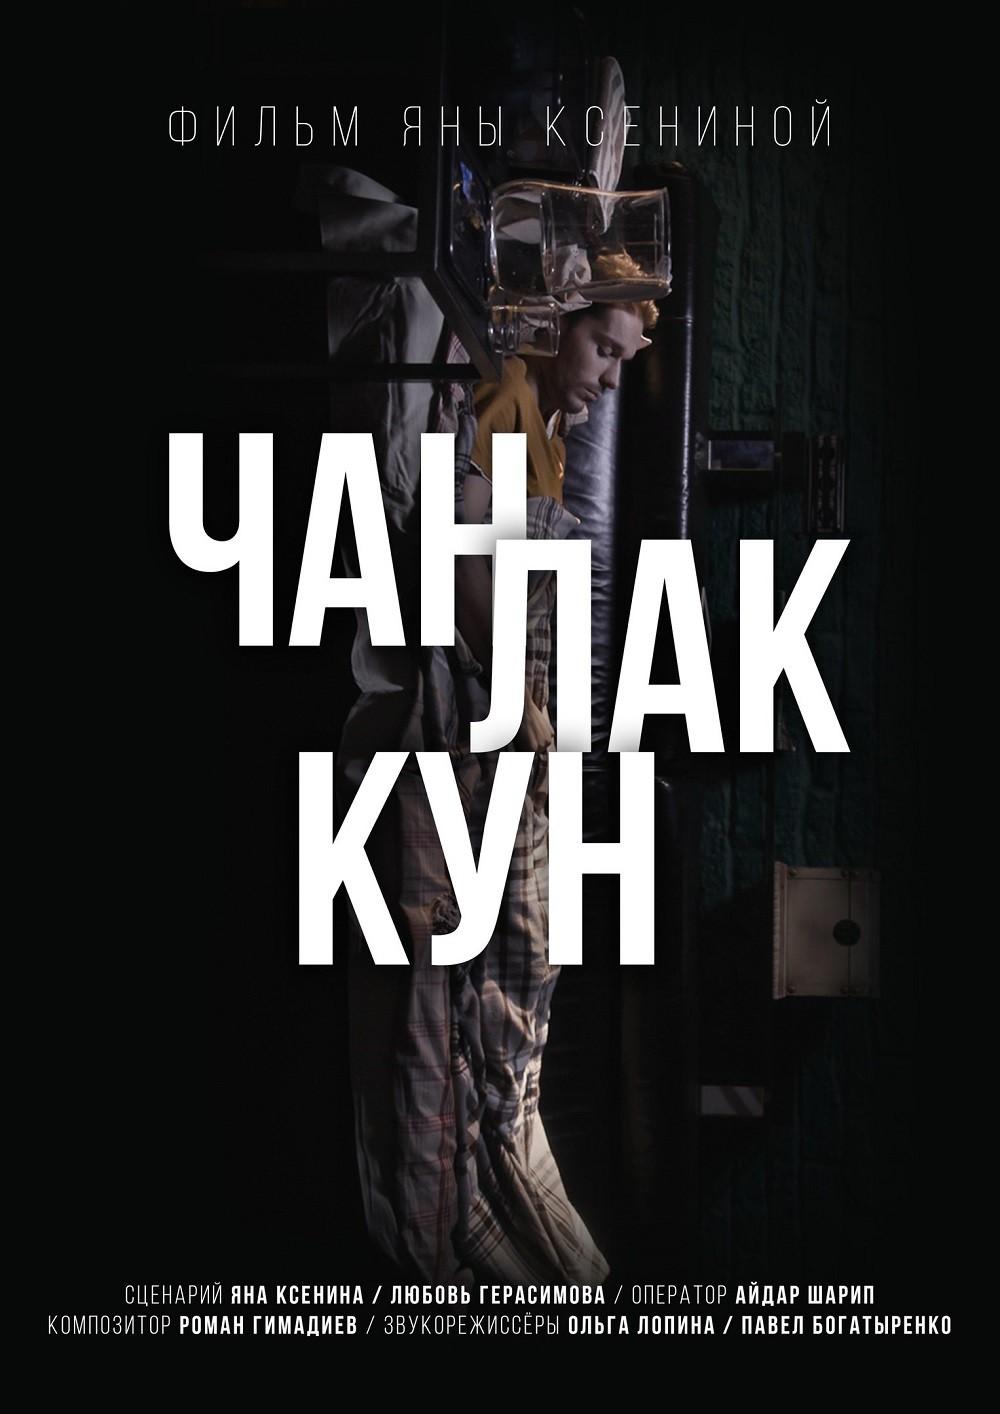 ChAN_LAK_KUN_POSTER